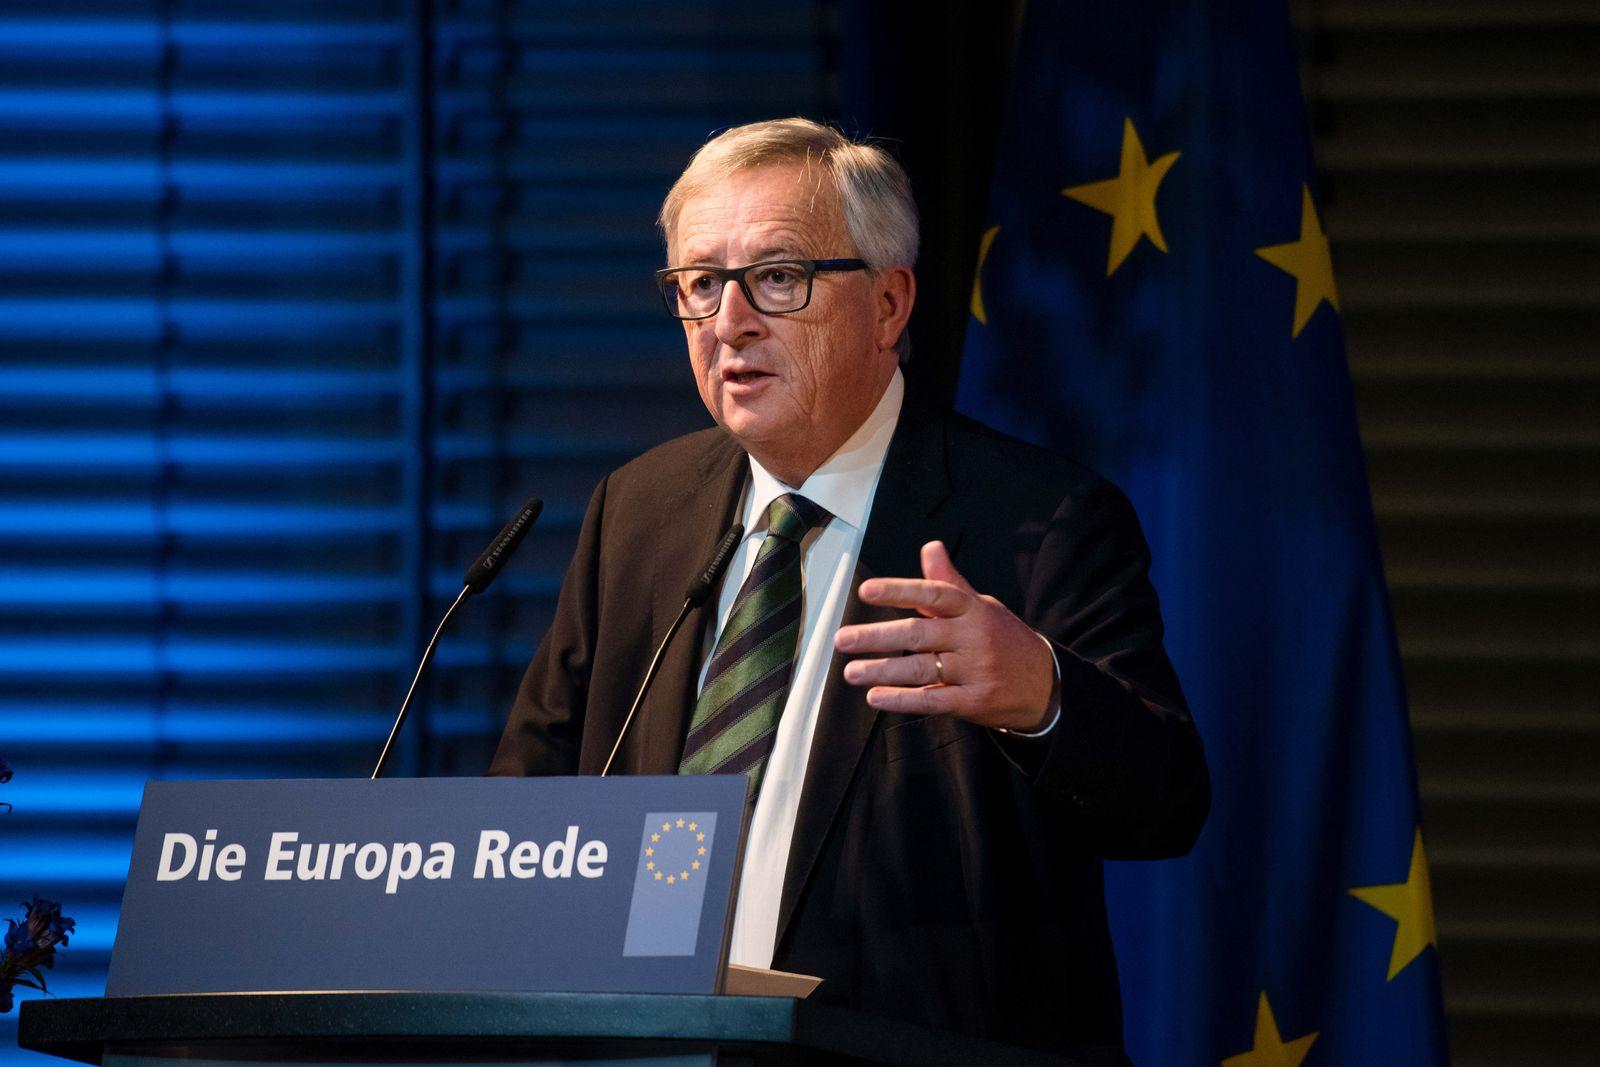 Europa-Rede von Jean-Claude Juncker